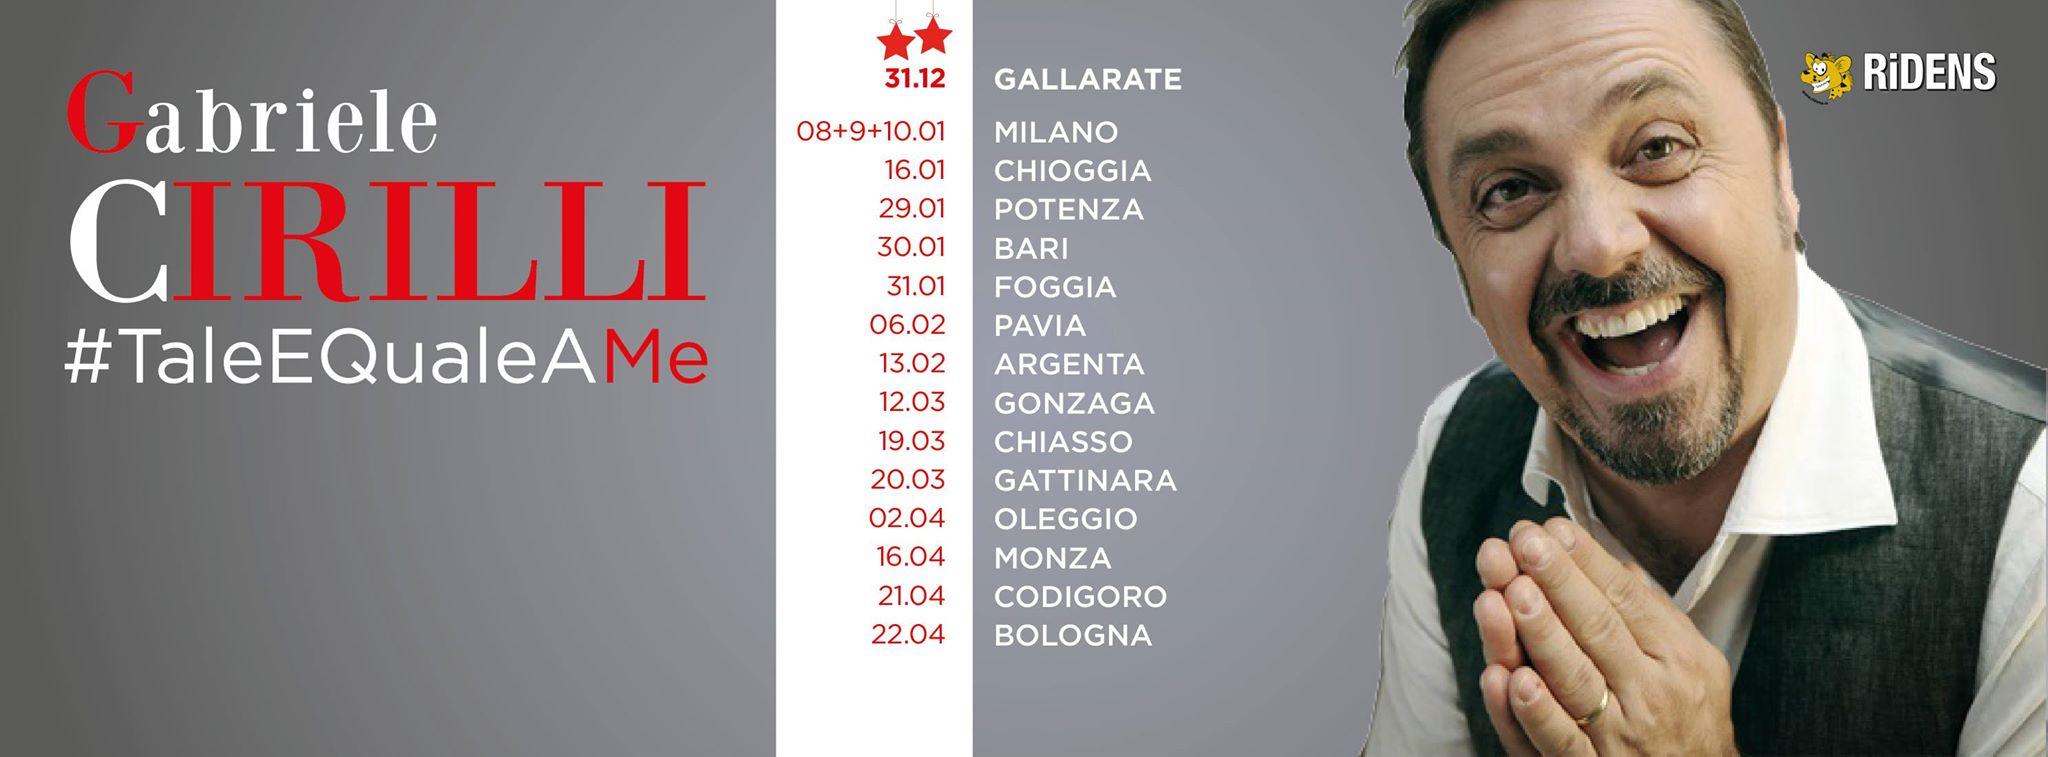 Gabriele Cirilli Tale e Quale a me